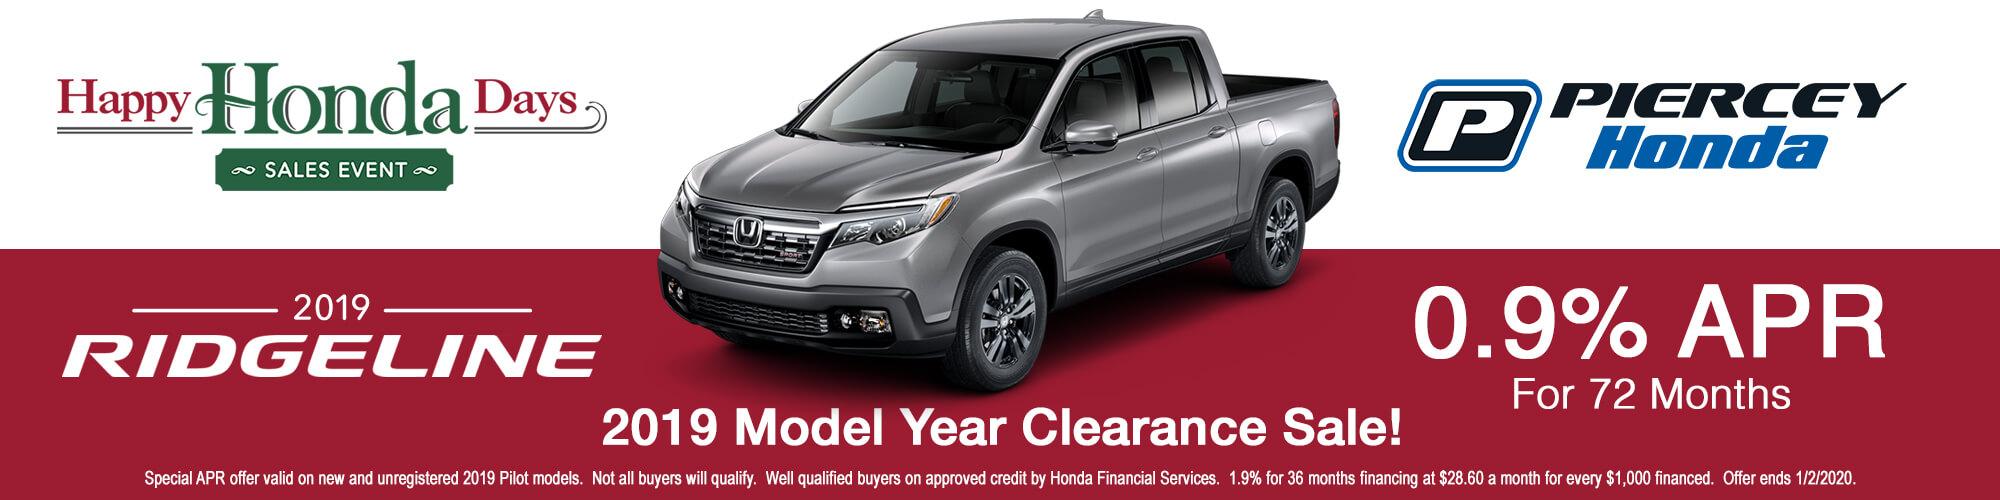 2019 Honda Ridgeline APR offer